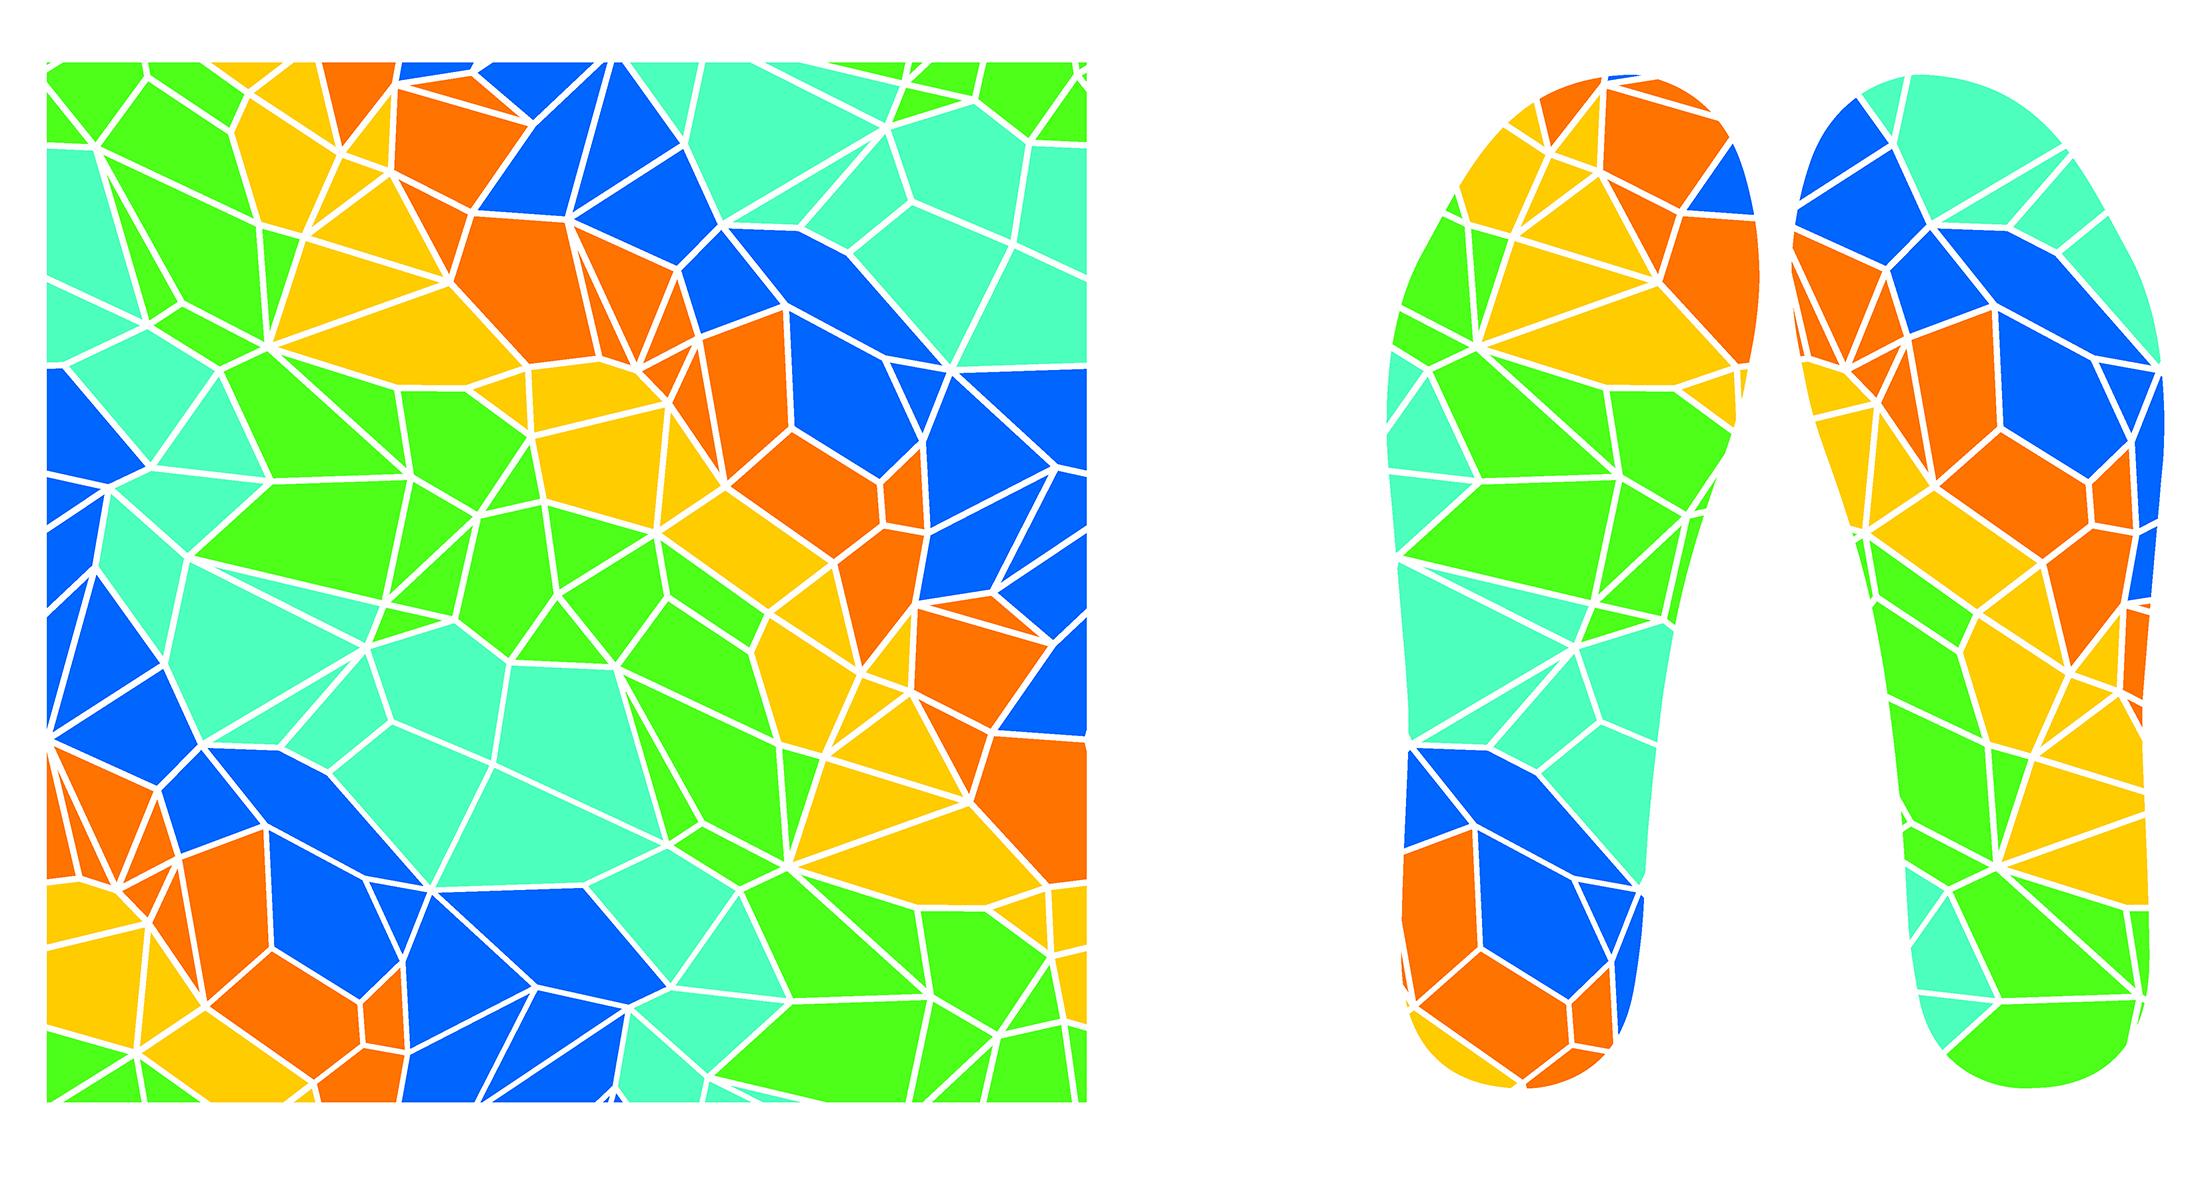 运动的色彩系列鞋垫设计-古田路9号-品牌创意/版权保护平台